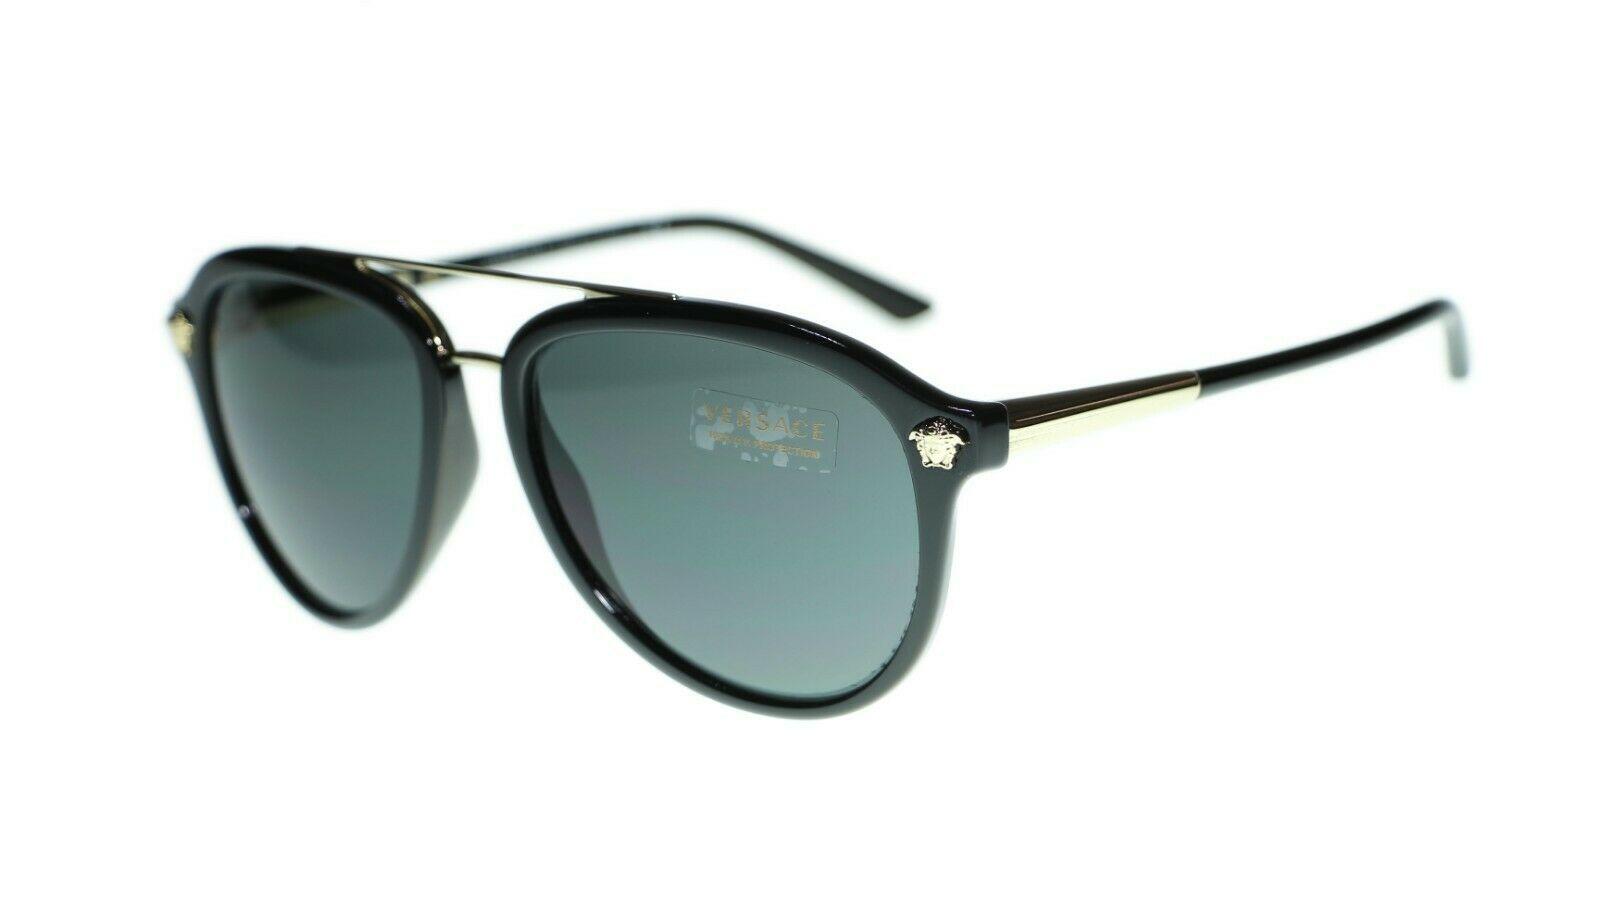 Versace Men Sunglasses VE4341 Pilot 58mm Authentic  - $159.00